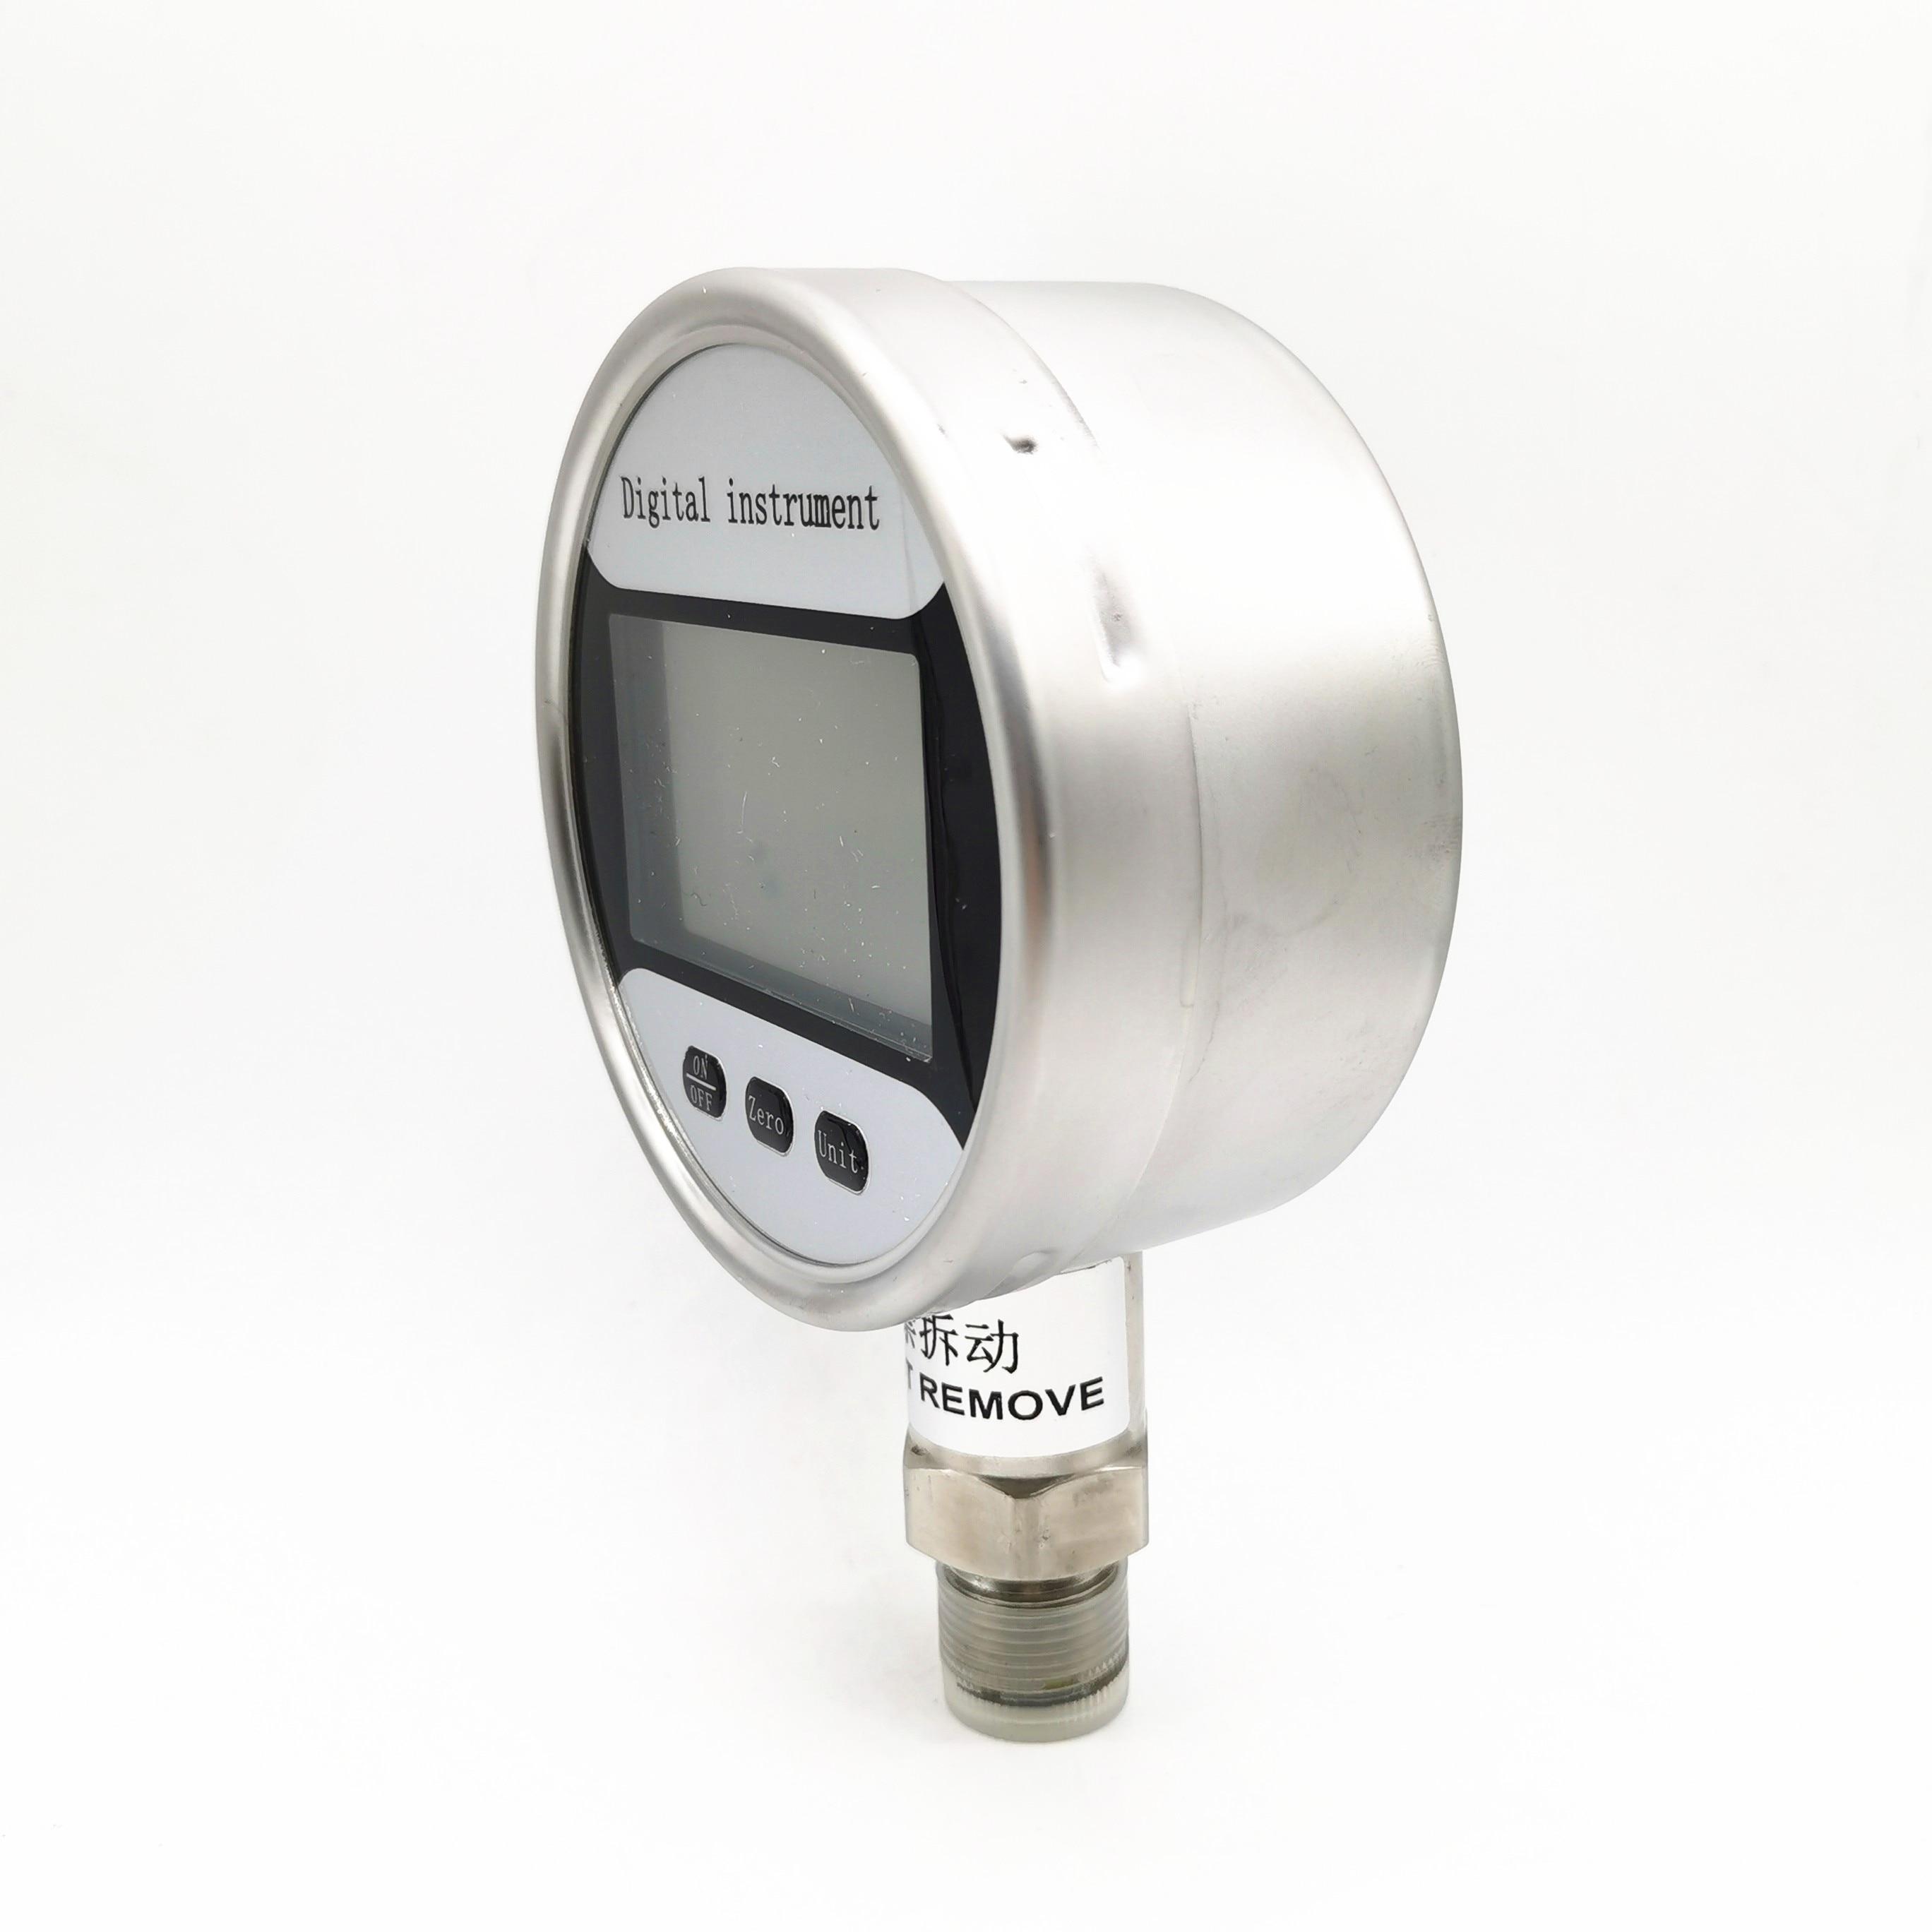 100 مللي متر 0.4 دقة الدقة الفولاذ المقاوم للصدأ ذكي شاشة ديجيتال قياس الضغط الزلزالي الدقة ضغط المياه